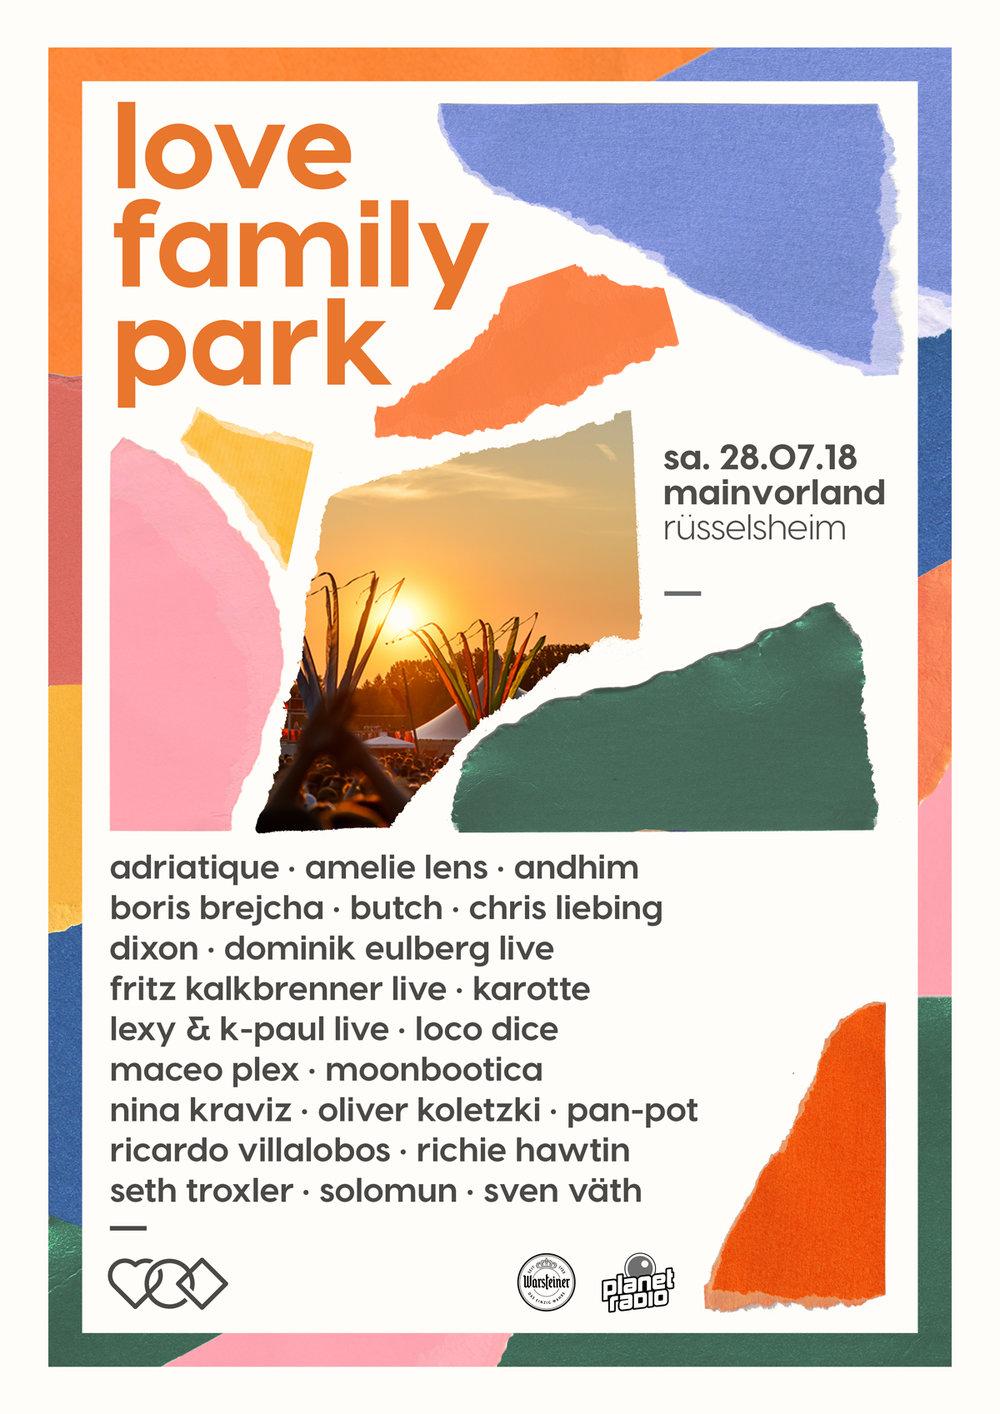 lovefamilypark_poster.jpg